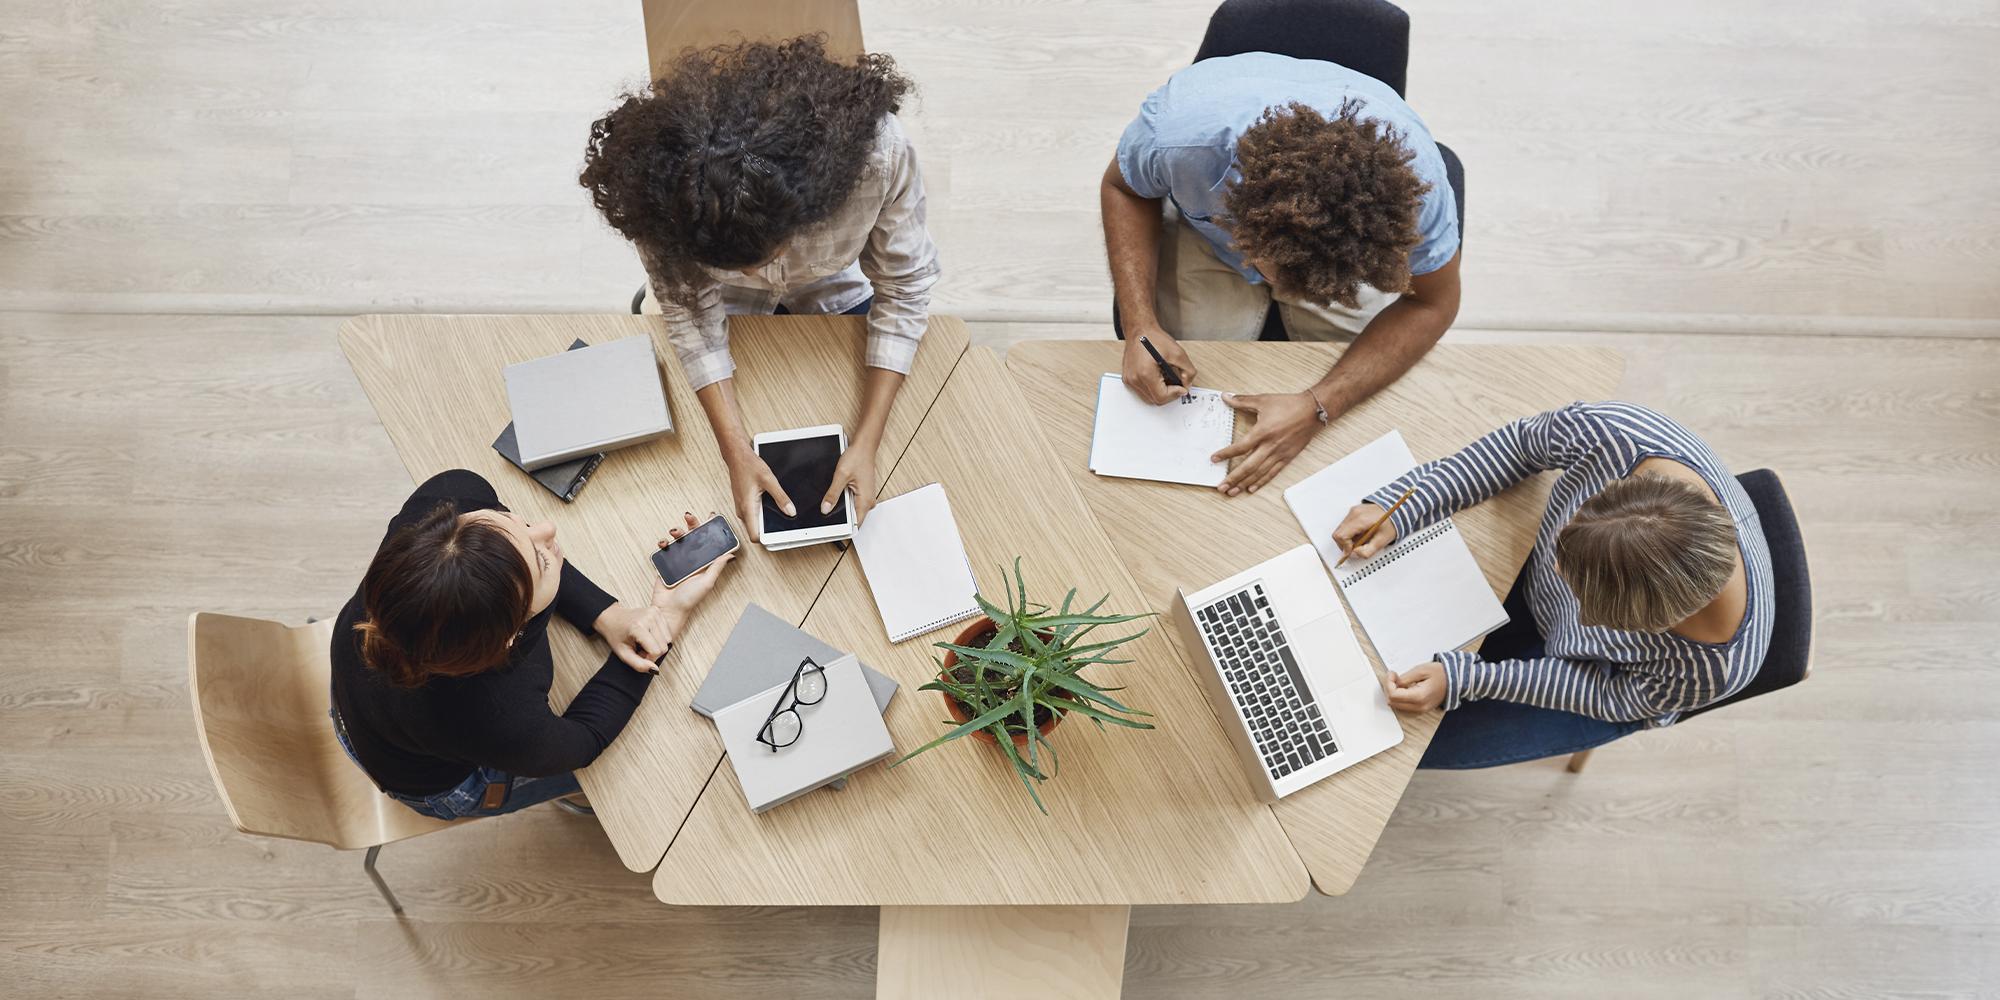 Dê autonomia para a sua equipe e otimize a operação do seu escritório